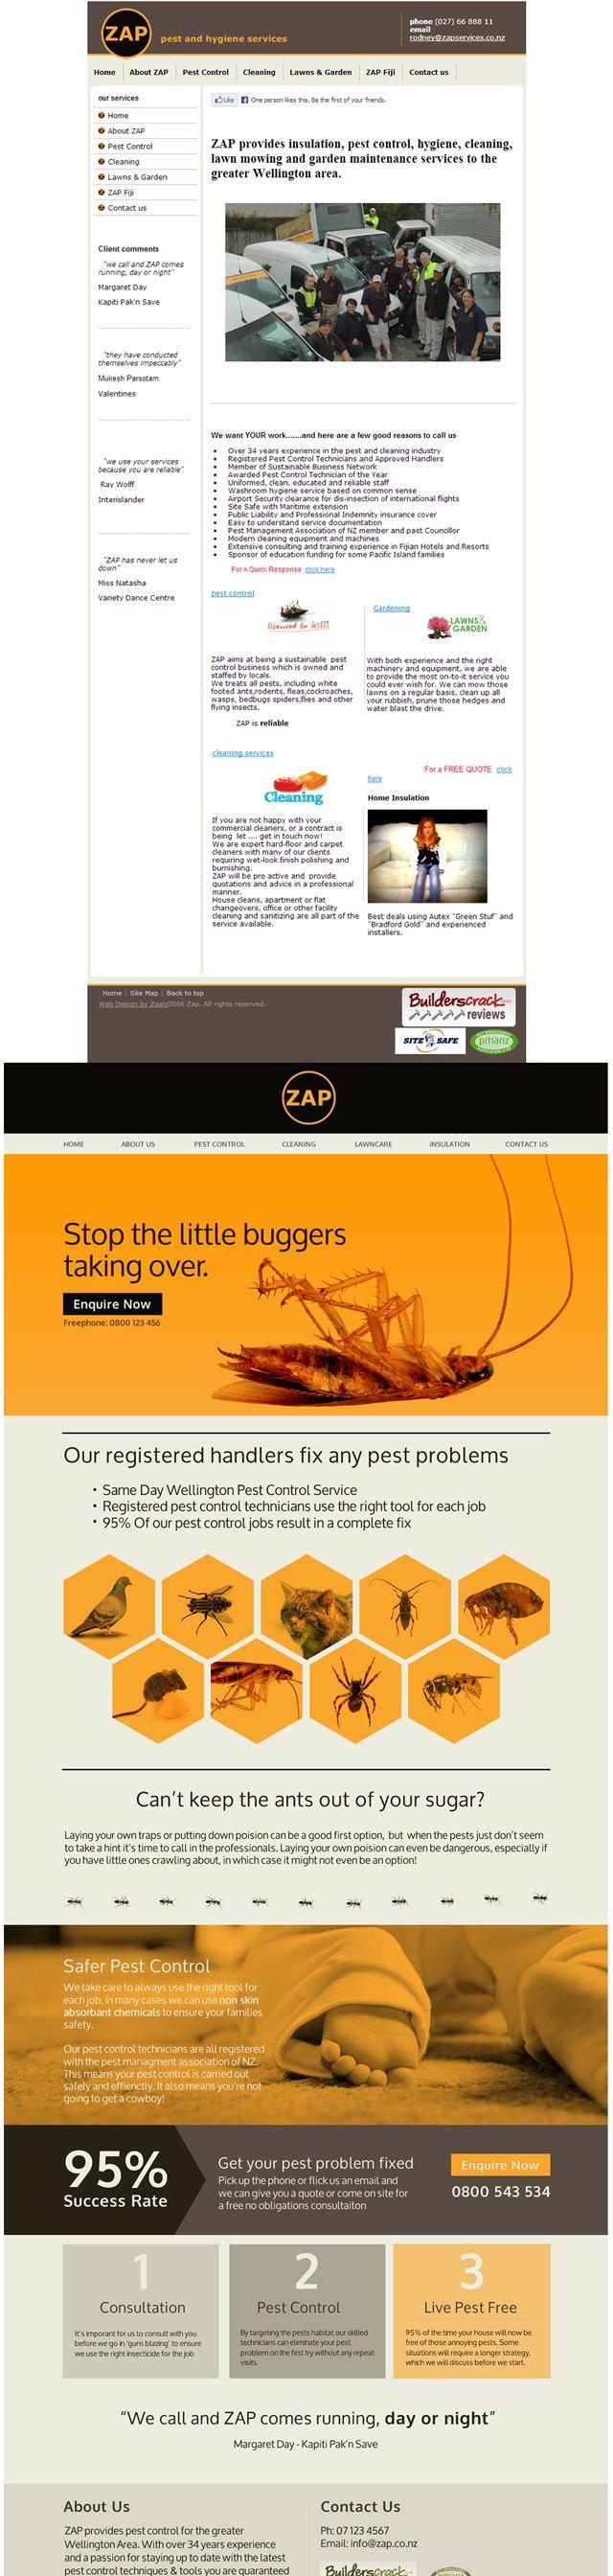 Zap Ltd Website Redesign